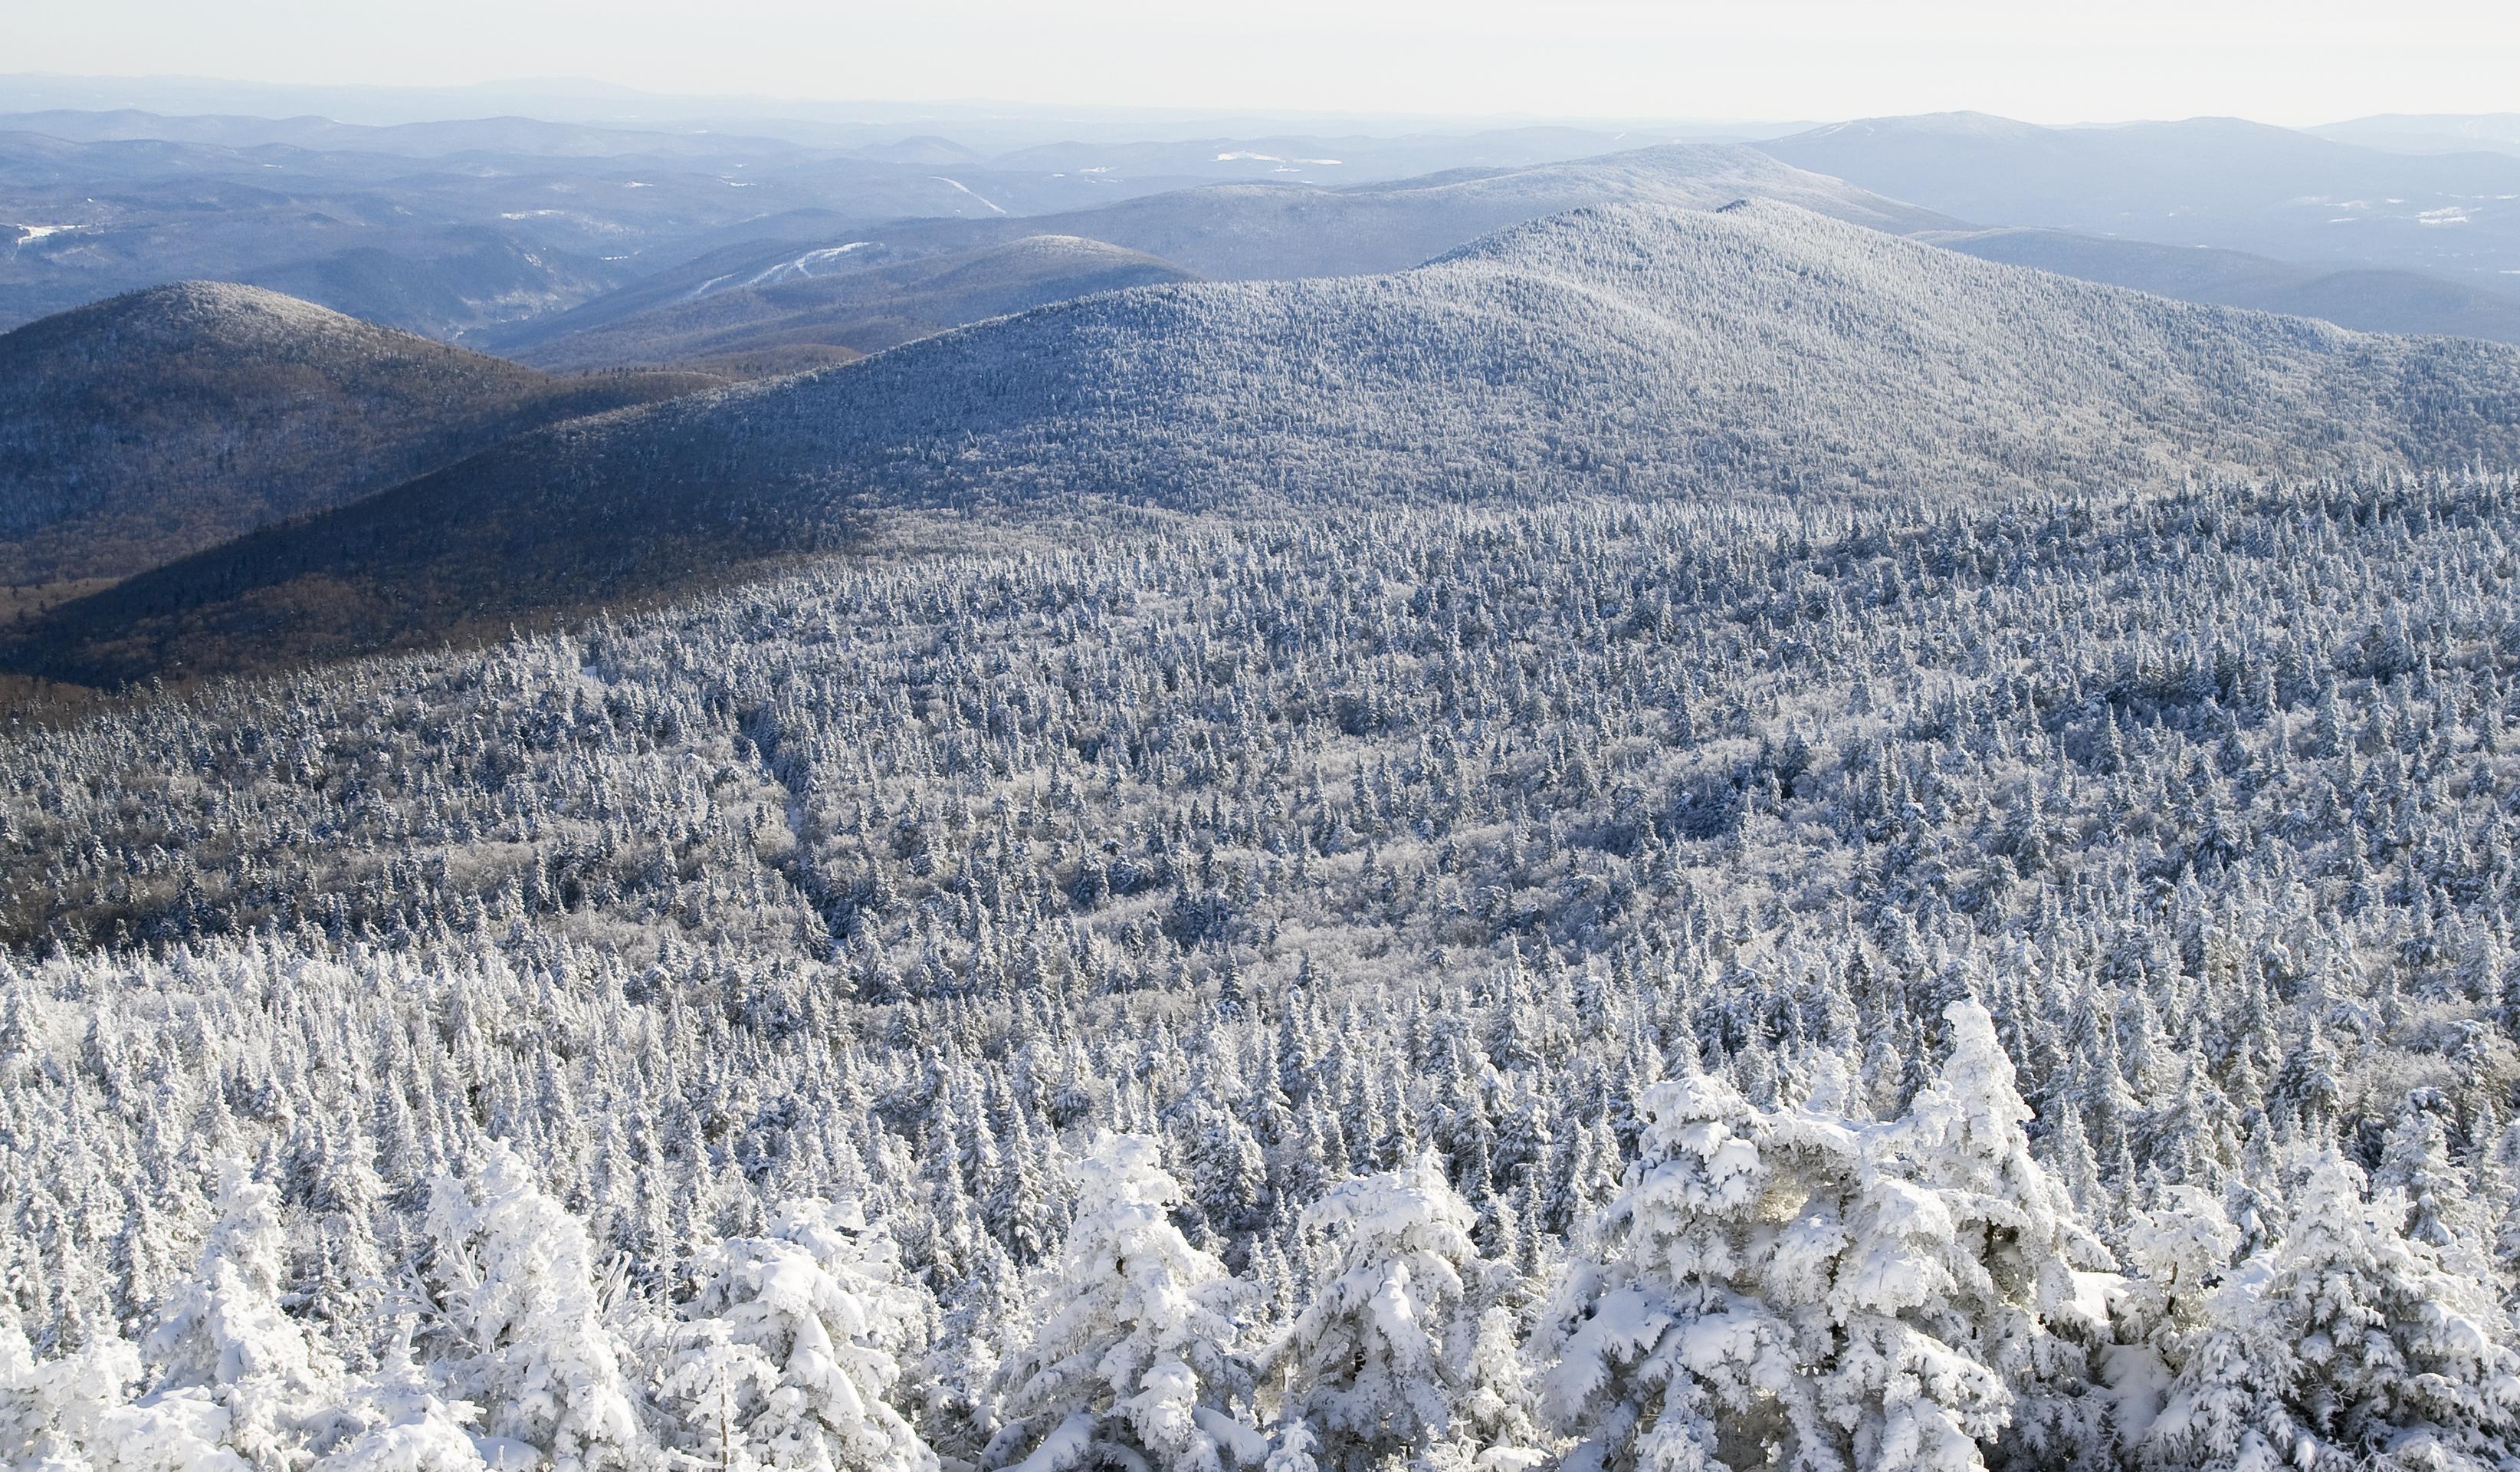 Snowy woodland in Vermont